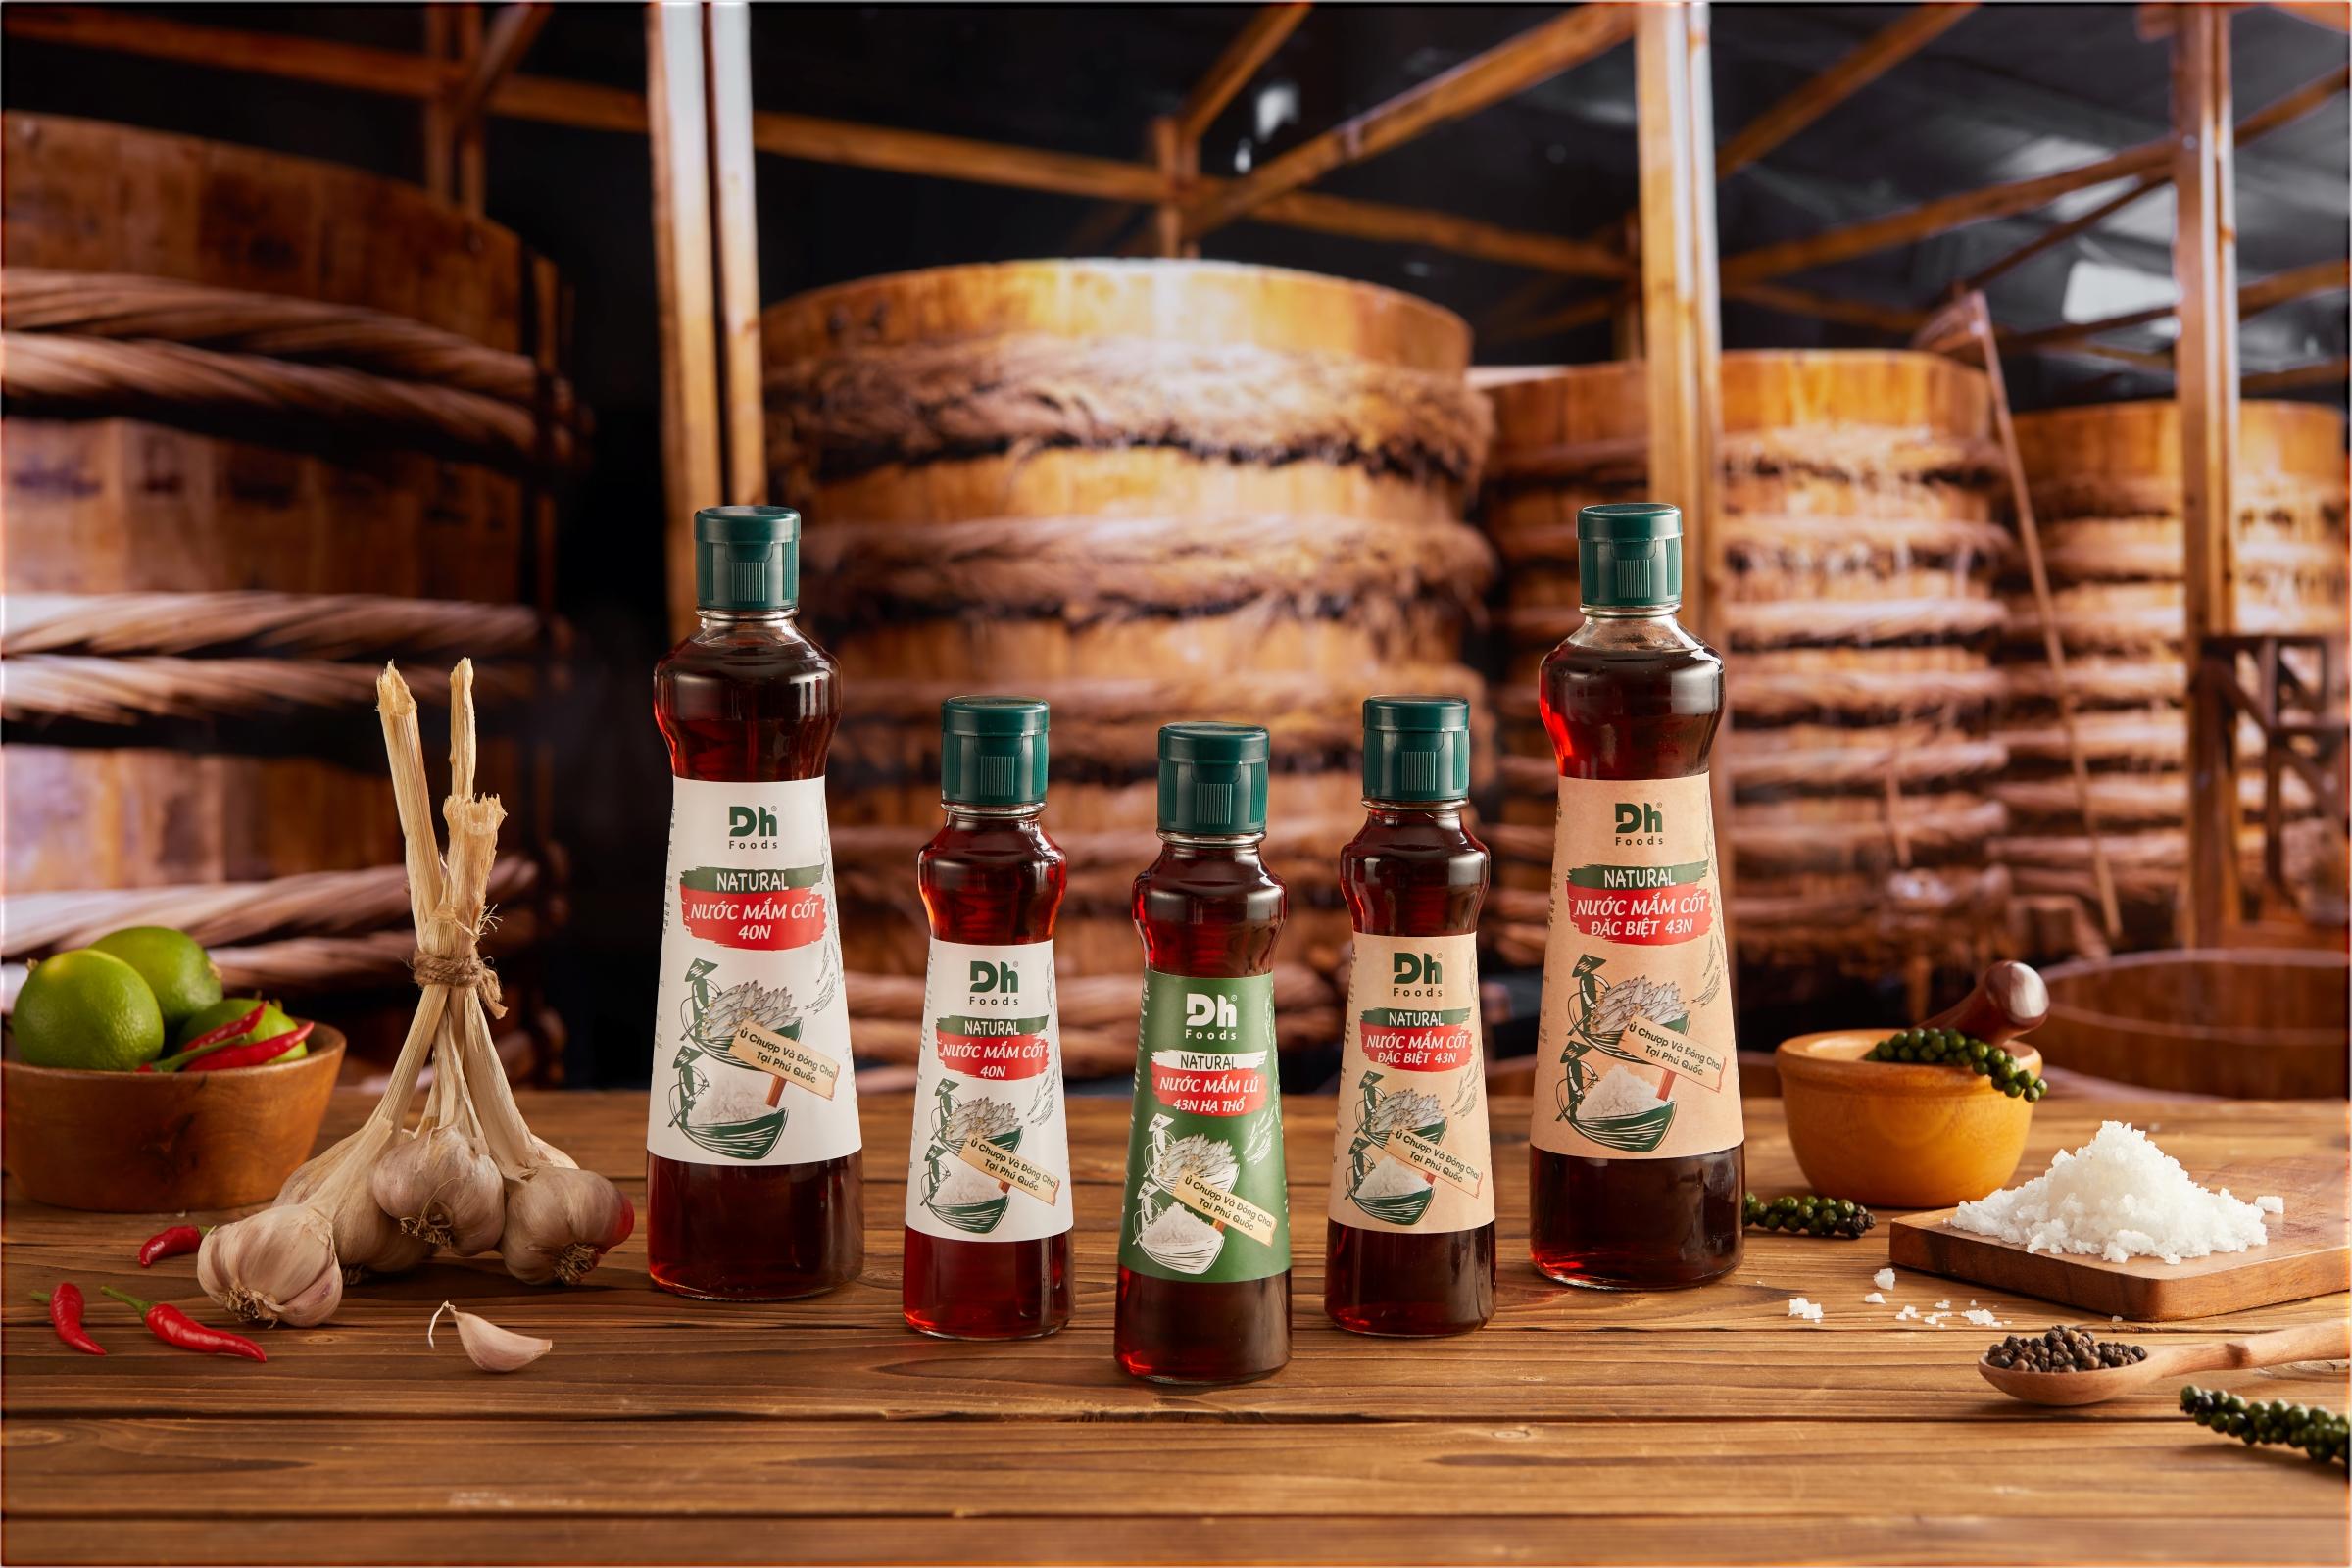 Nước mắm - gia vị đặc trưng của người Việt và được yêu thích trên thế giới. Ảnh: Dh Foods.